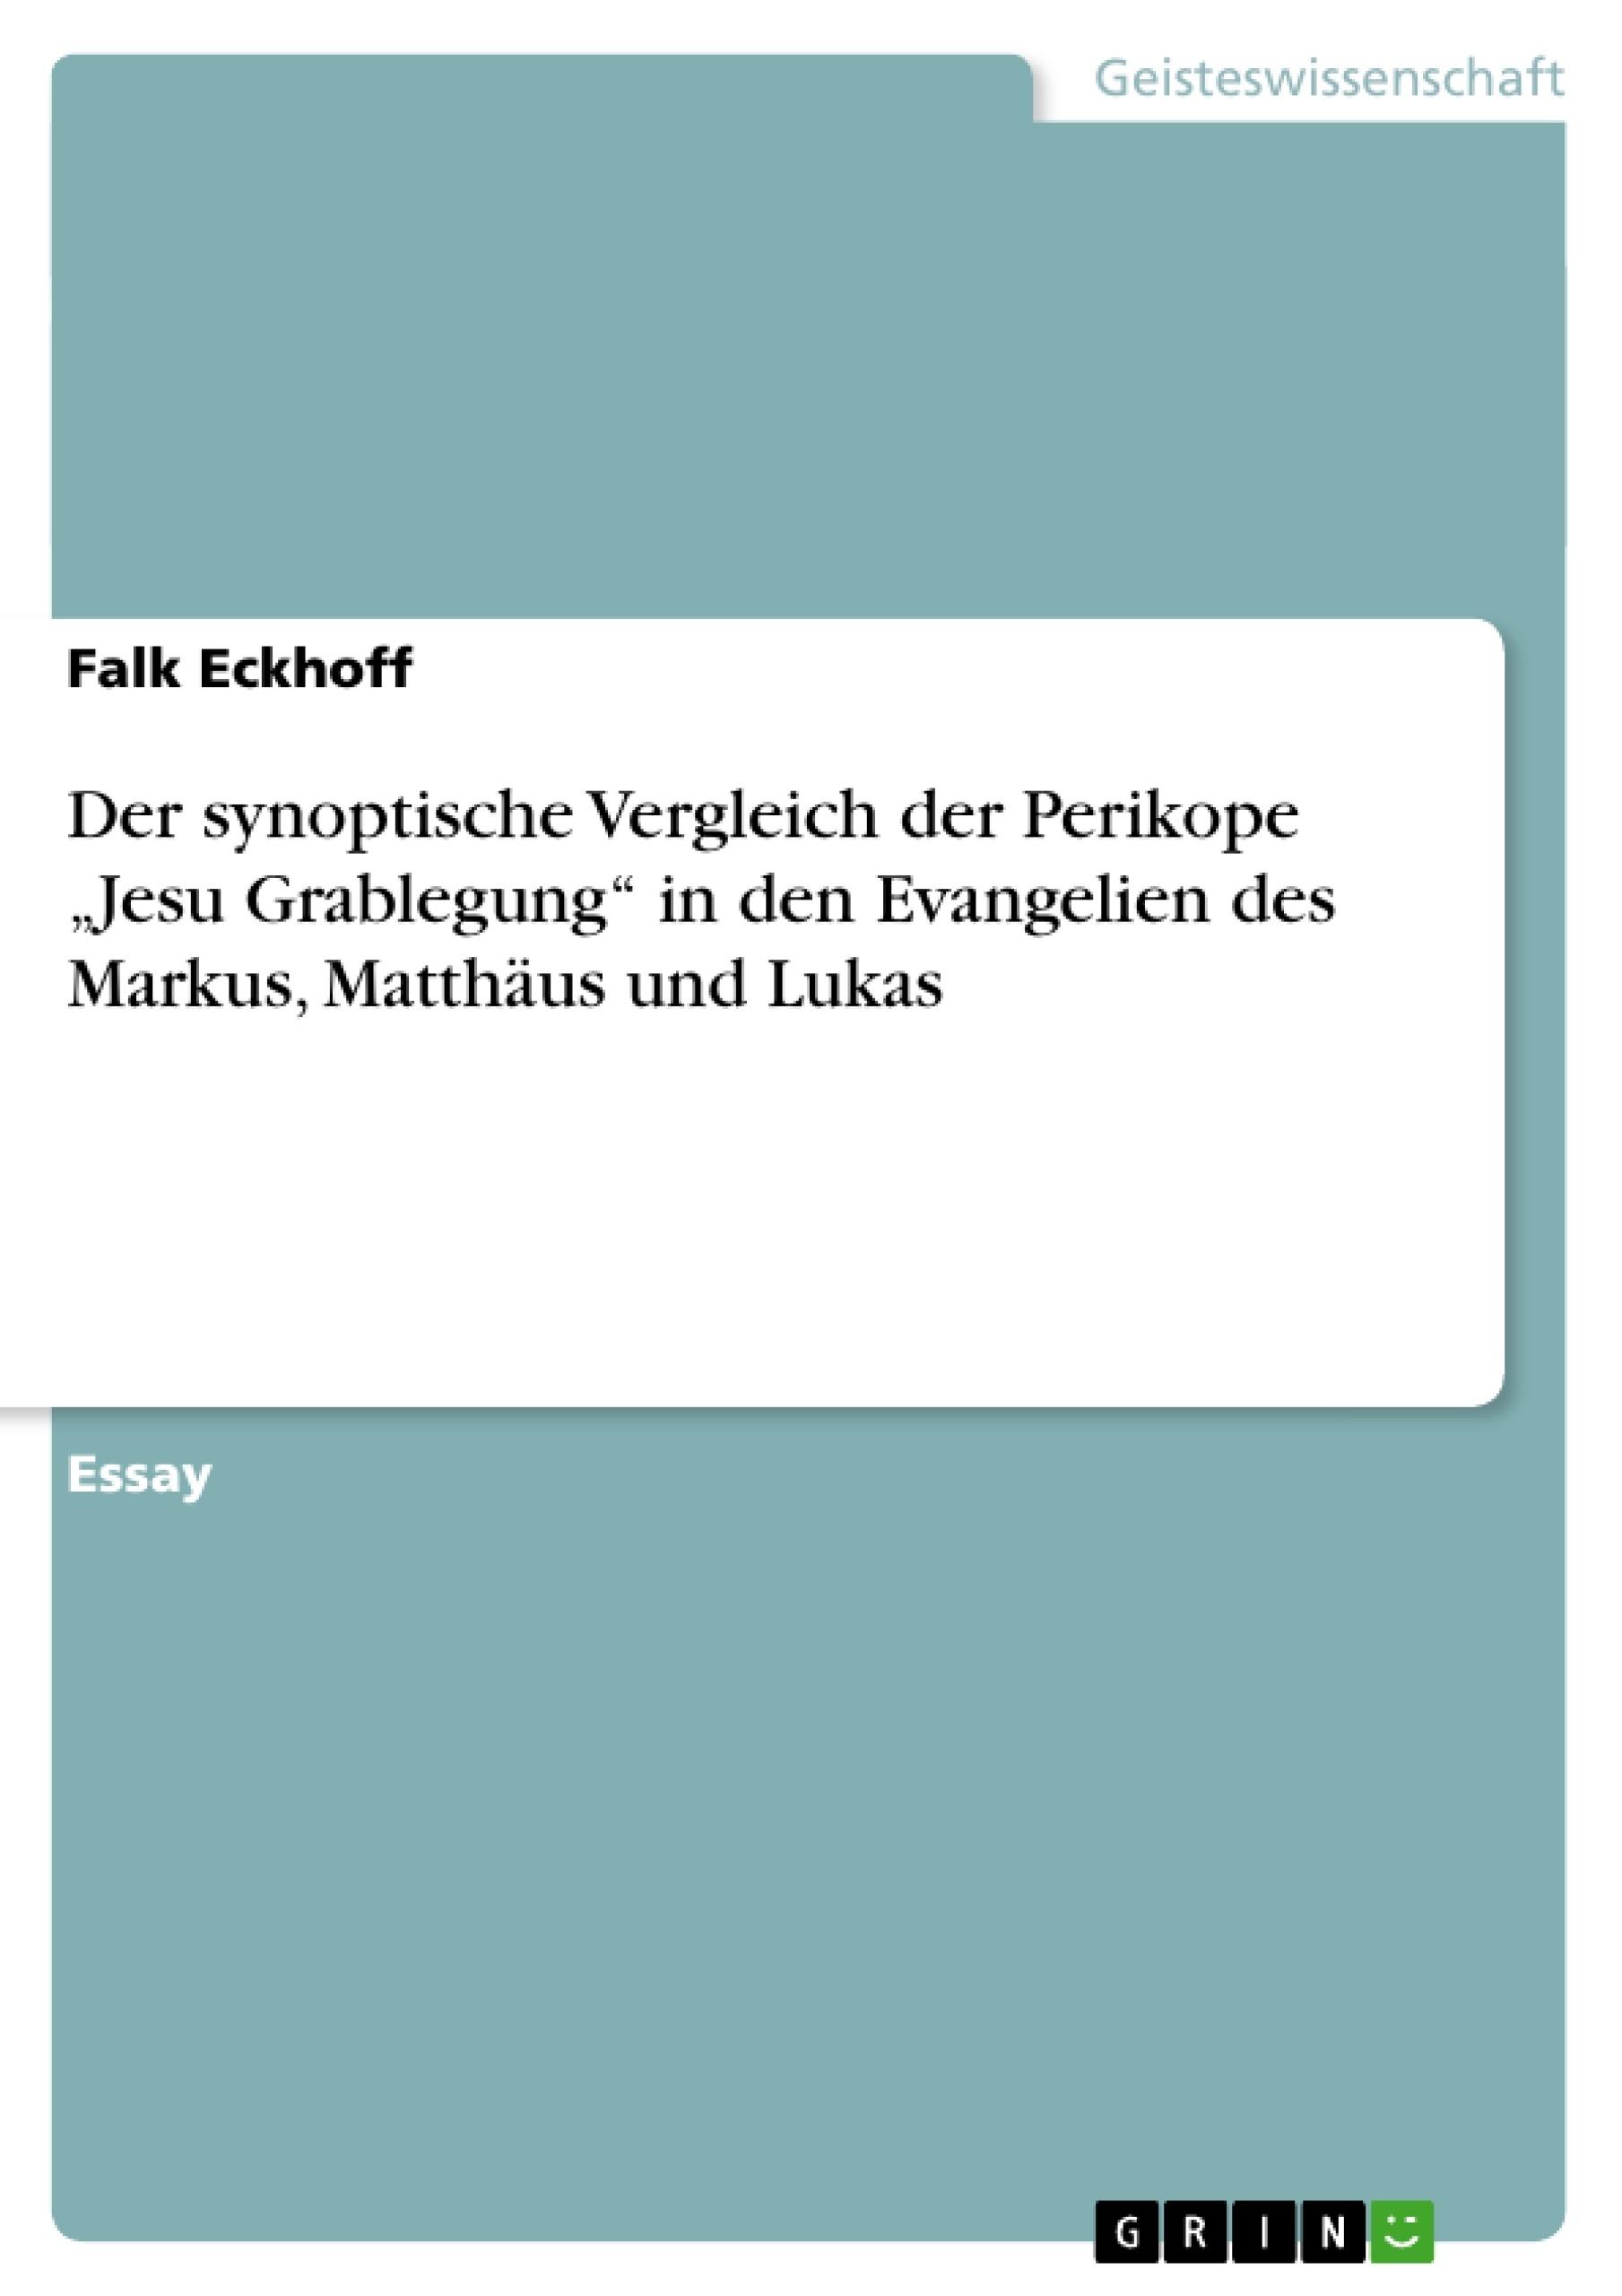 """Titel: Der synoptische Vergleich der Perikope """"Jesu Grablegung"""" in den Evangelien des Markus, Matthäus und Lukas"""